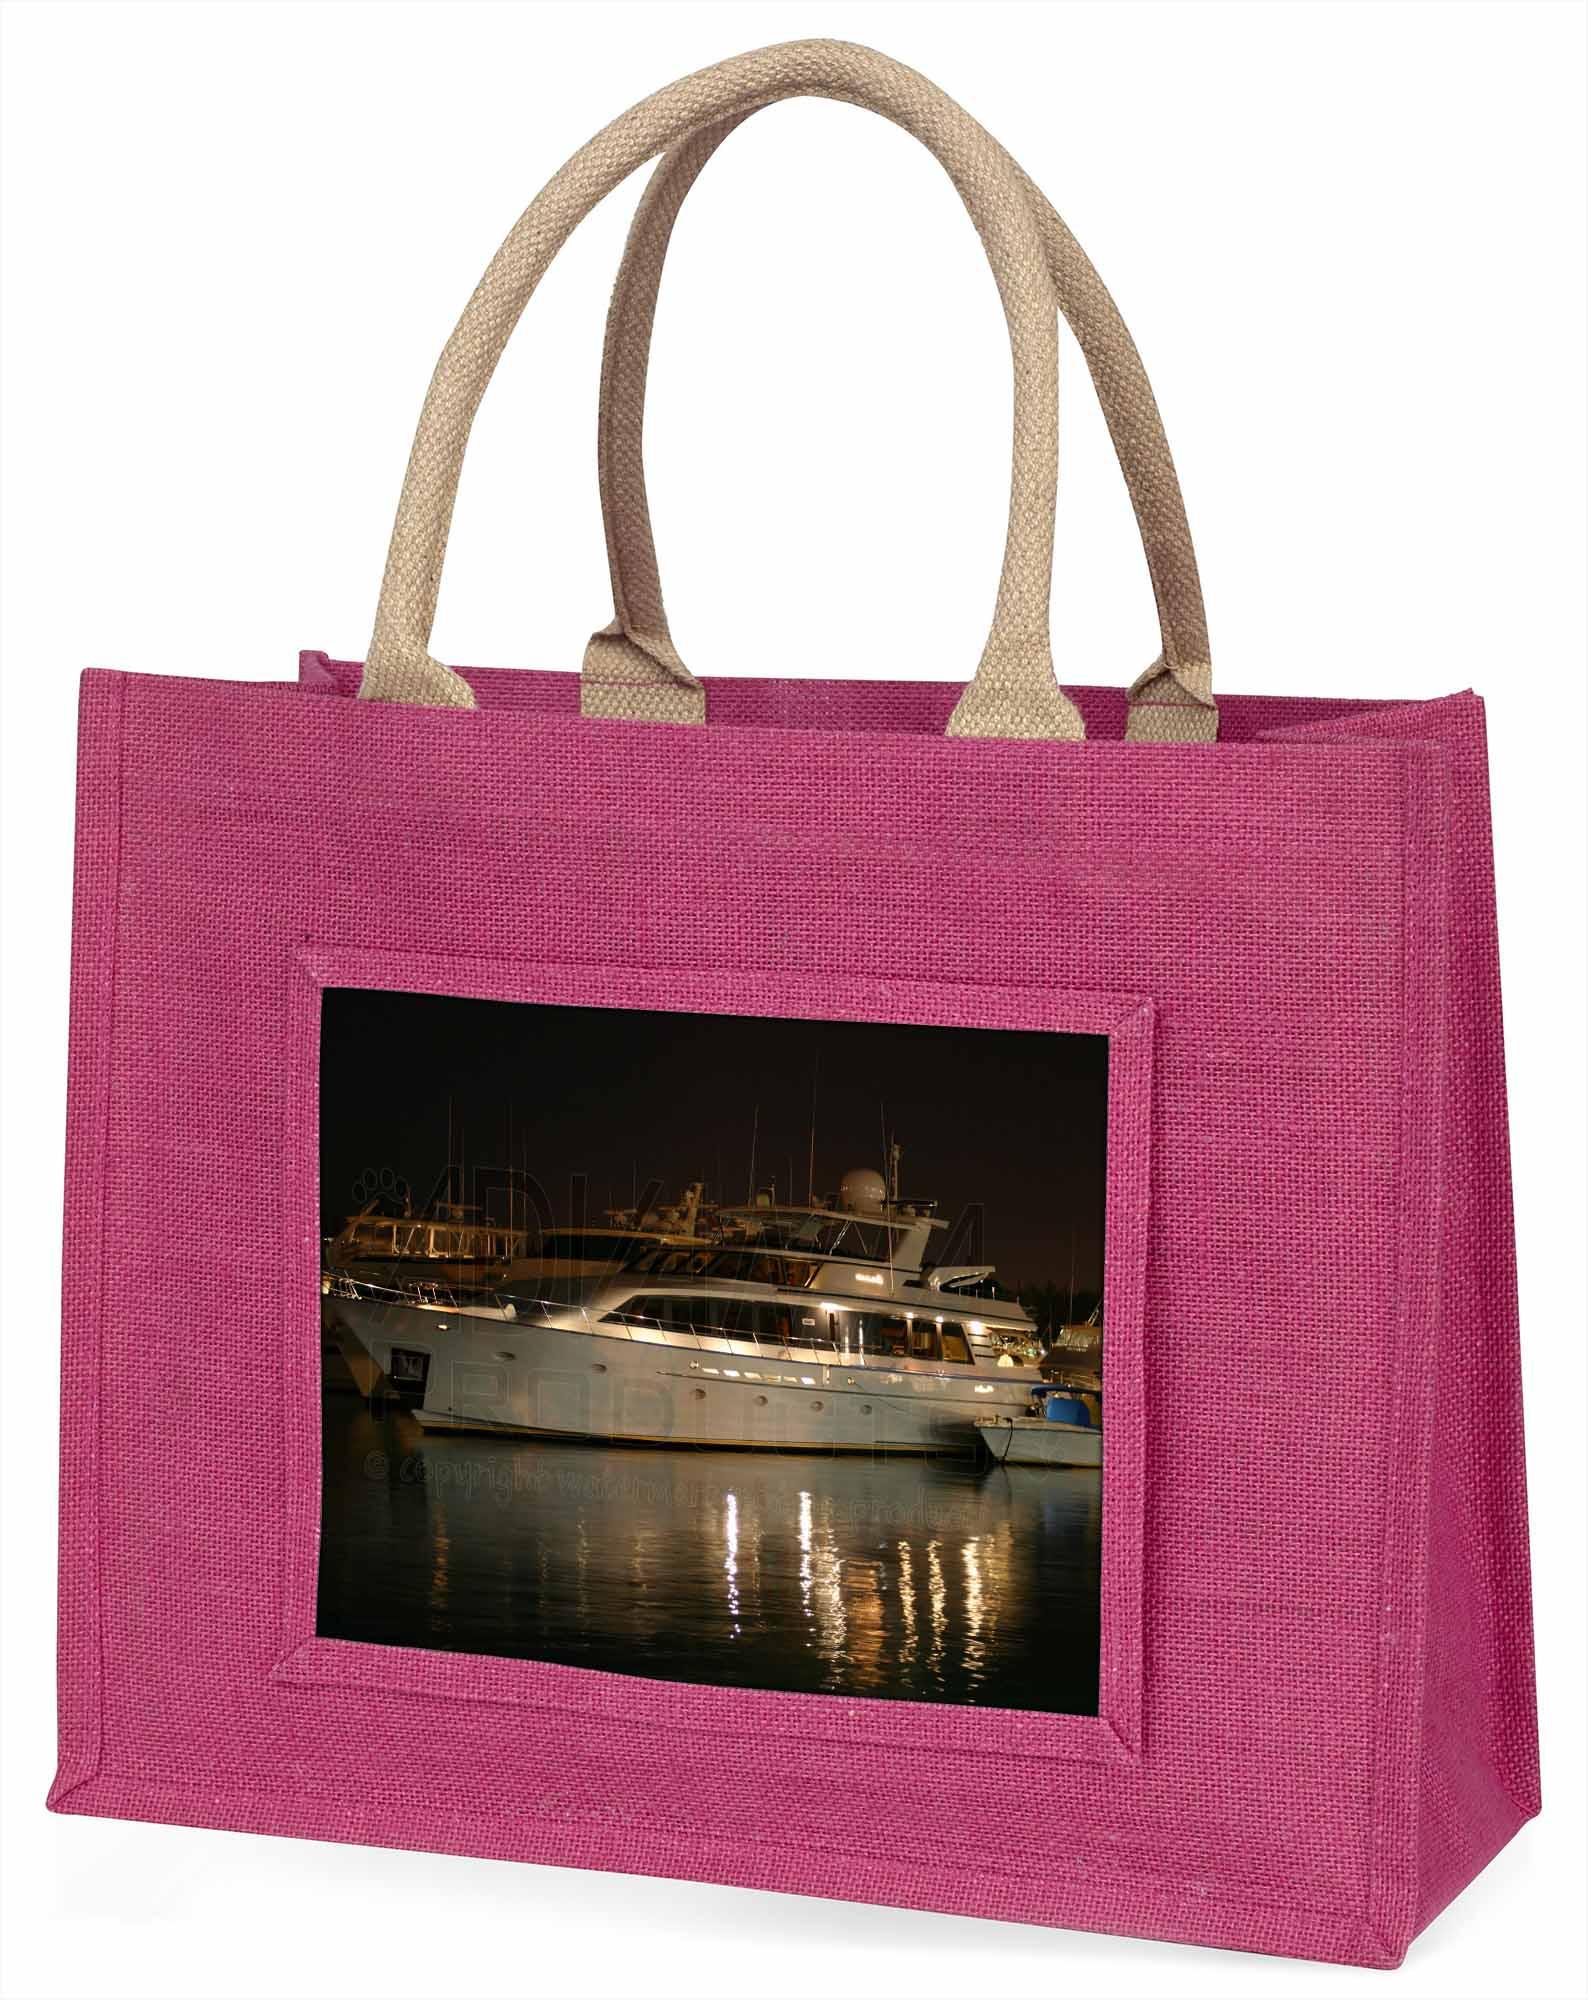 Yacht im Hafen große rosa Einkaufstasche Weihnachten Geschenkidee, boa-1blp